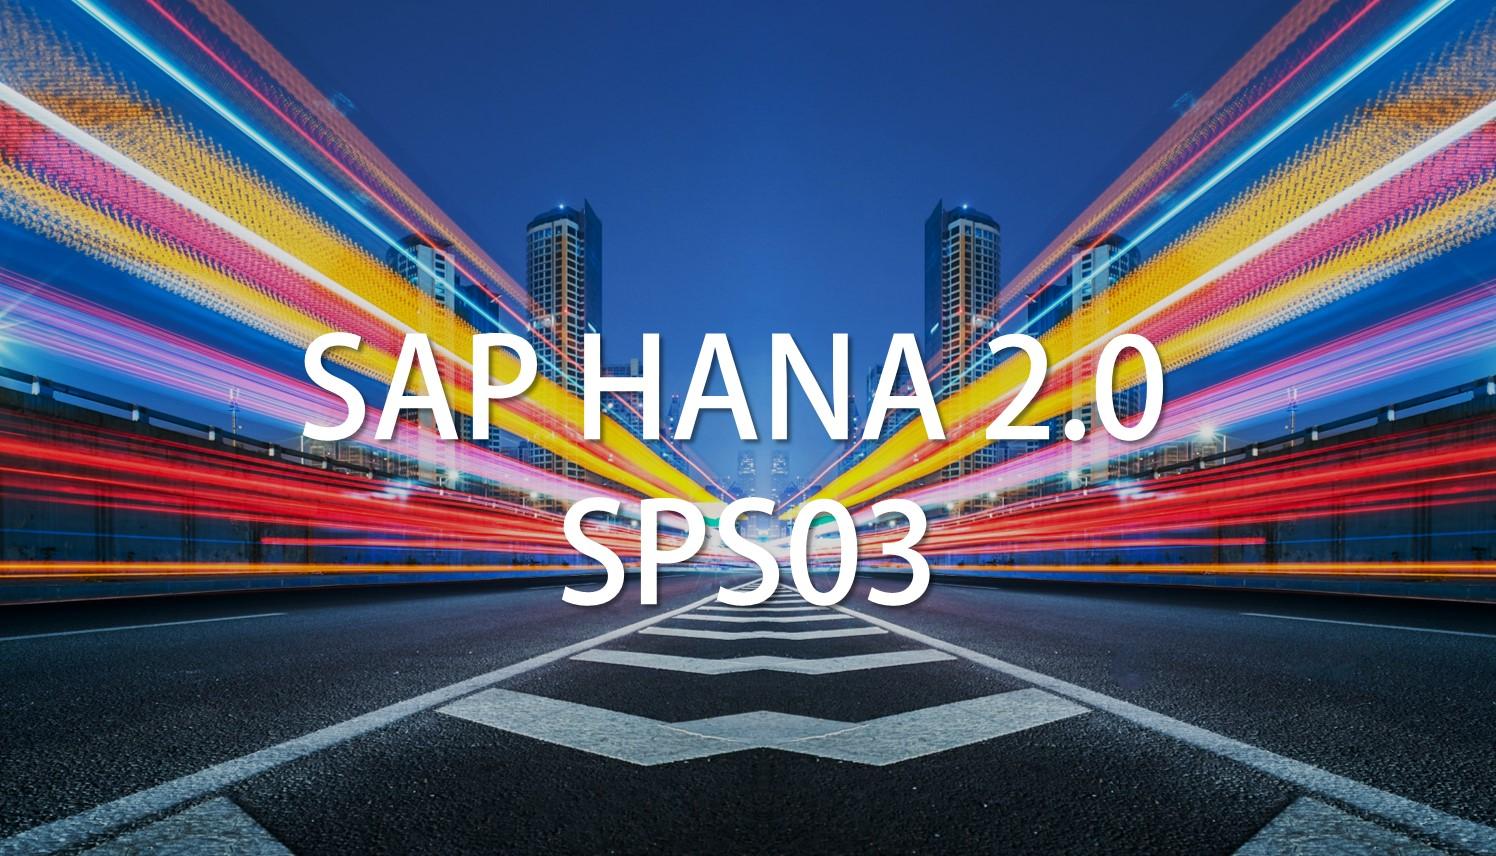 Fin del mantenimiento de SAP HANA 2.0